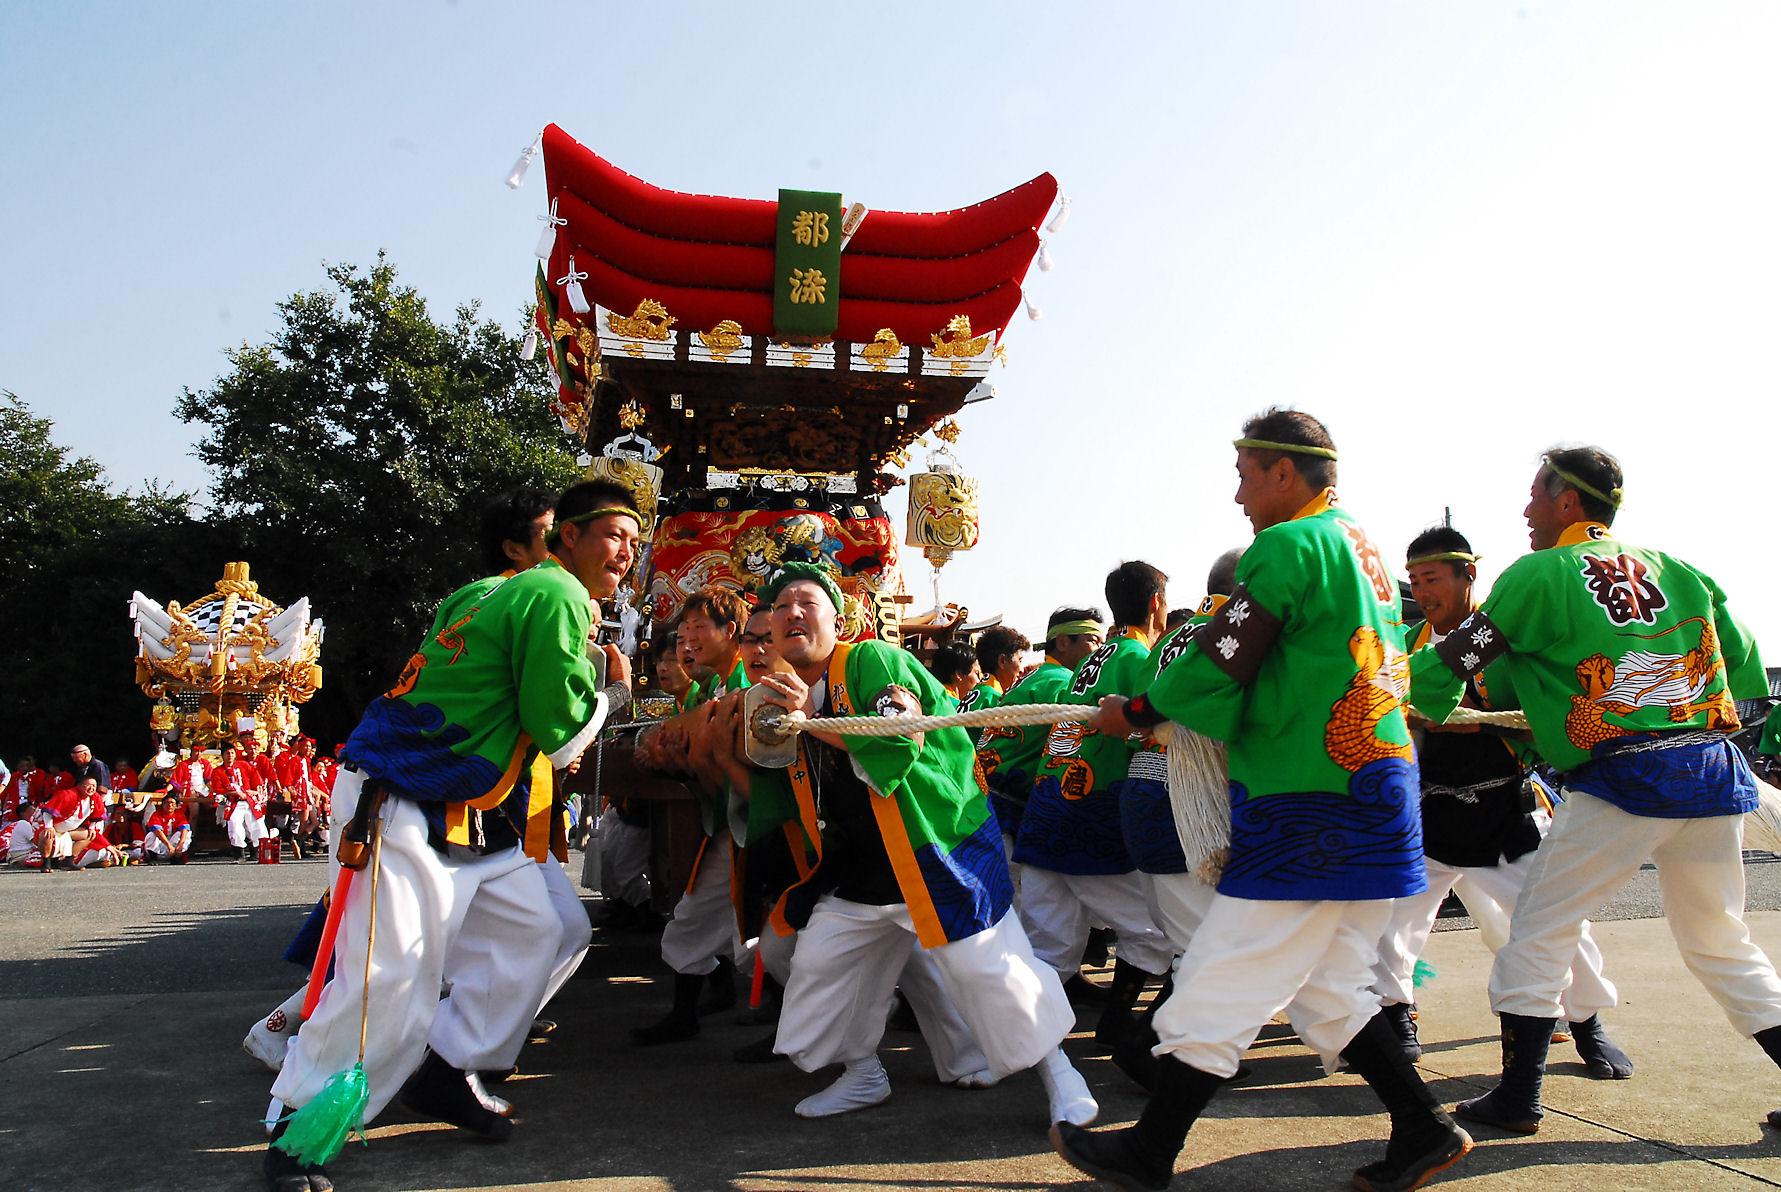 上荘神社の祭り15_c0136419_23243510.jpg